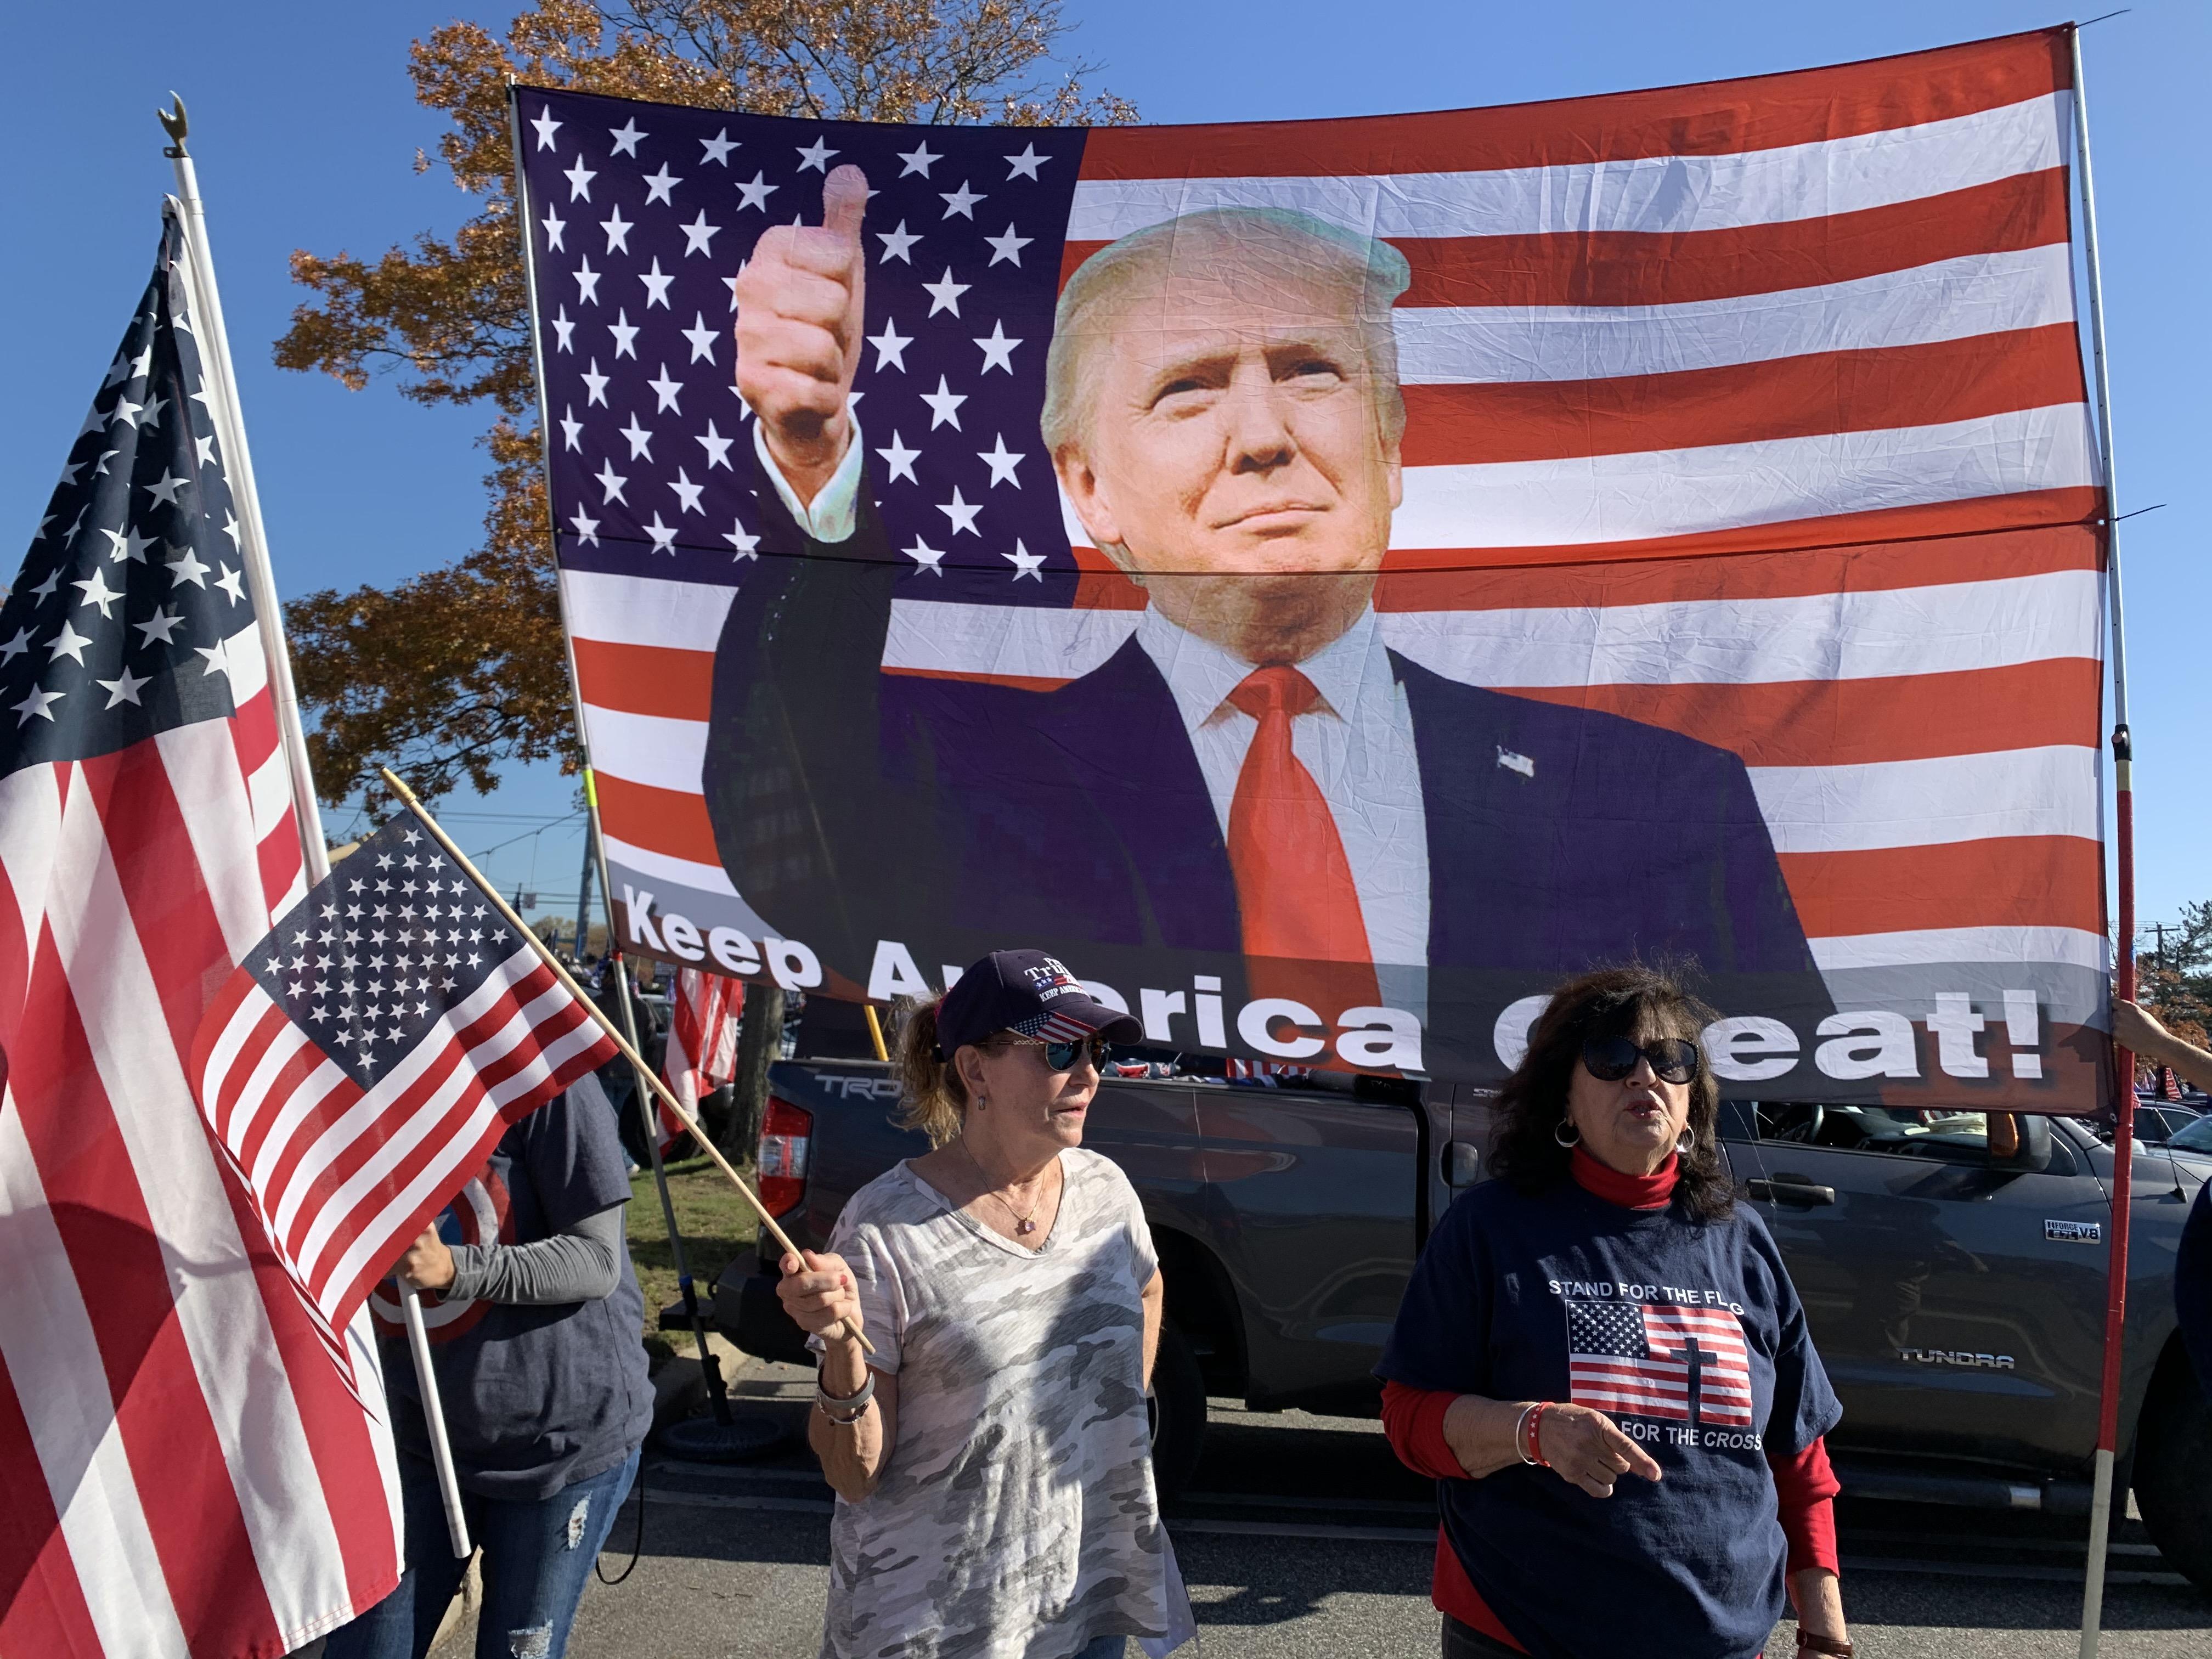 費城官員否認有選舉舞弊證據 特朗普回應